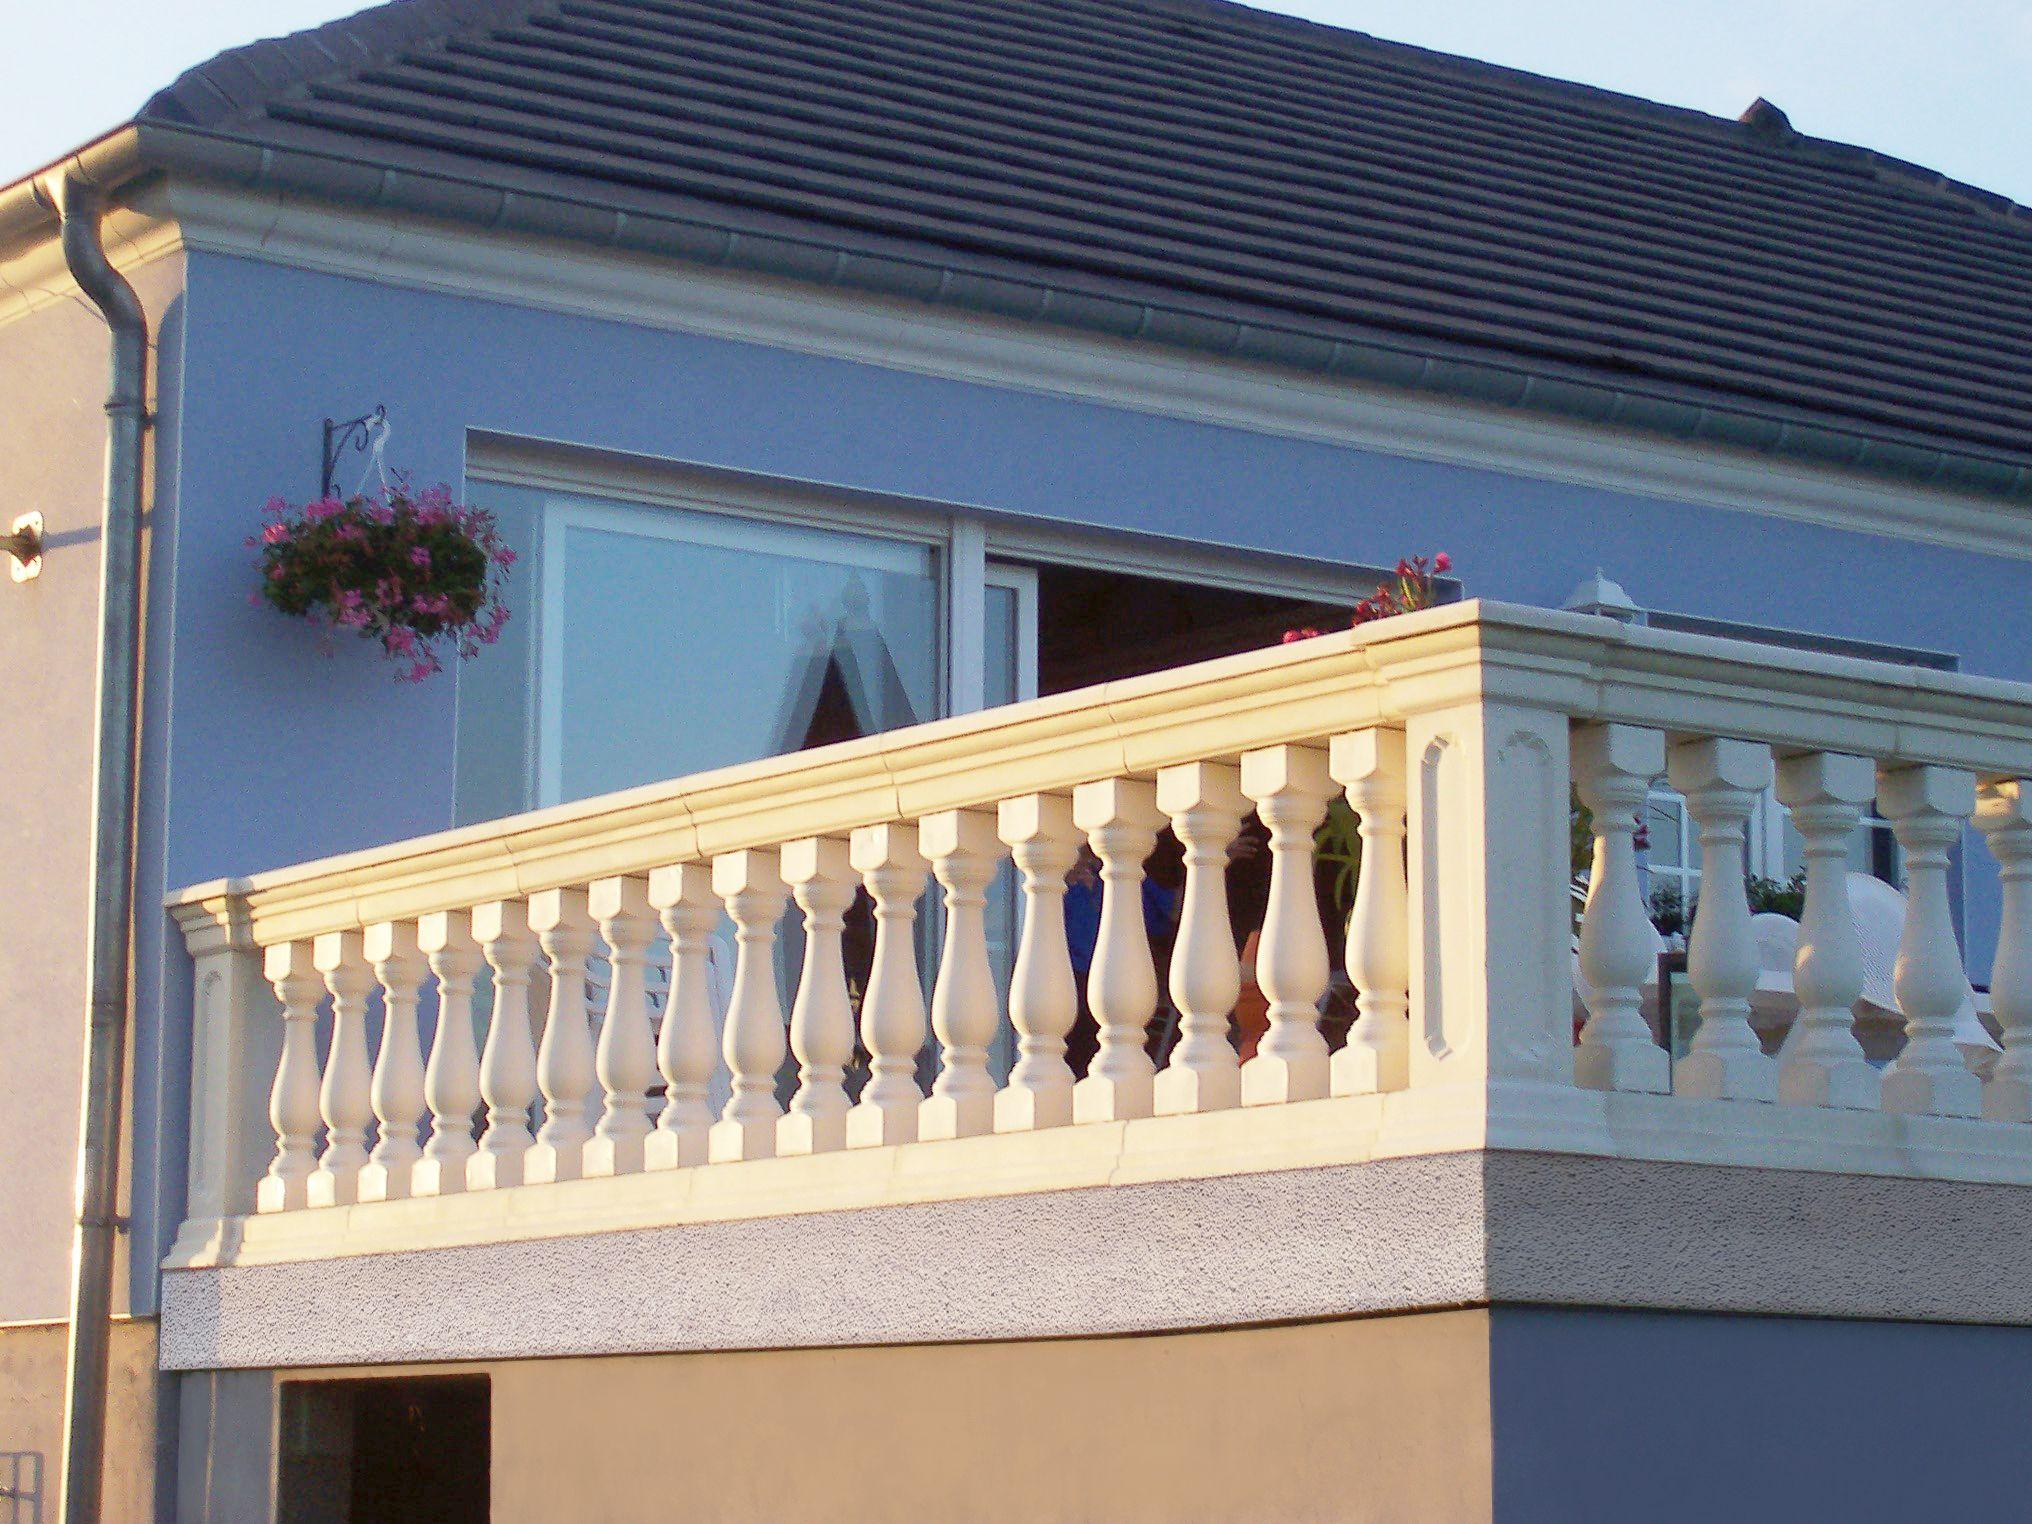 balustrade pour balcon en pierre reconstitu e ciment blanc mod le roma azur balustres. Black Bedroom Furniture Sets. Home Design Ideas